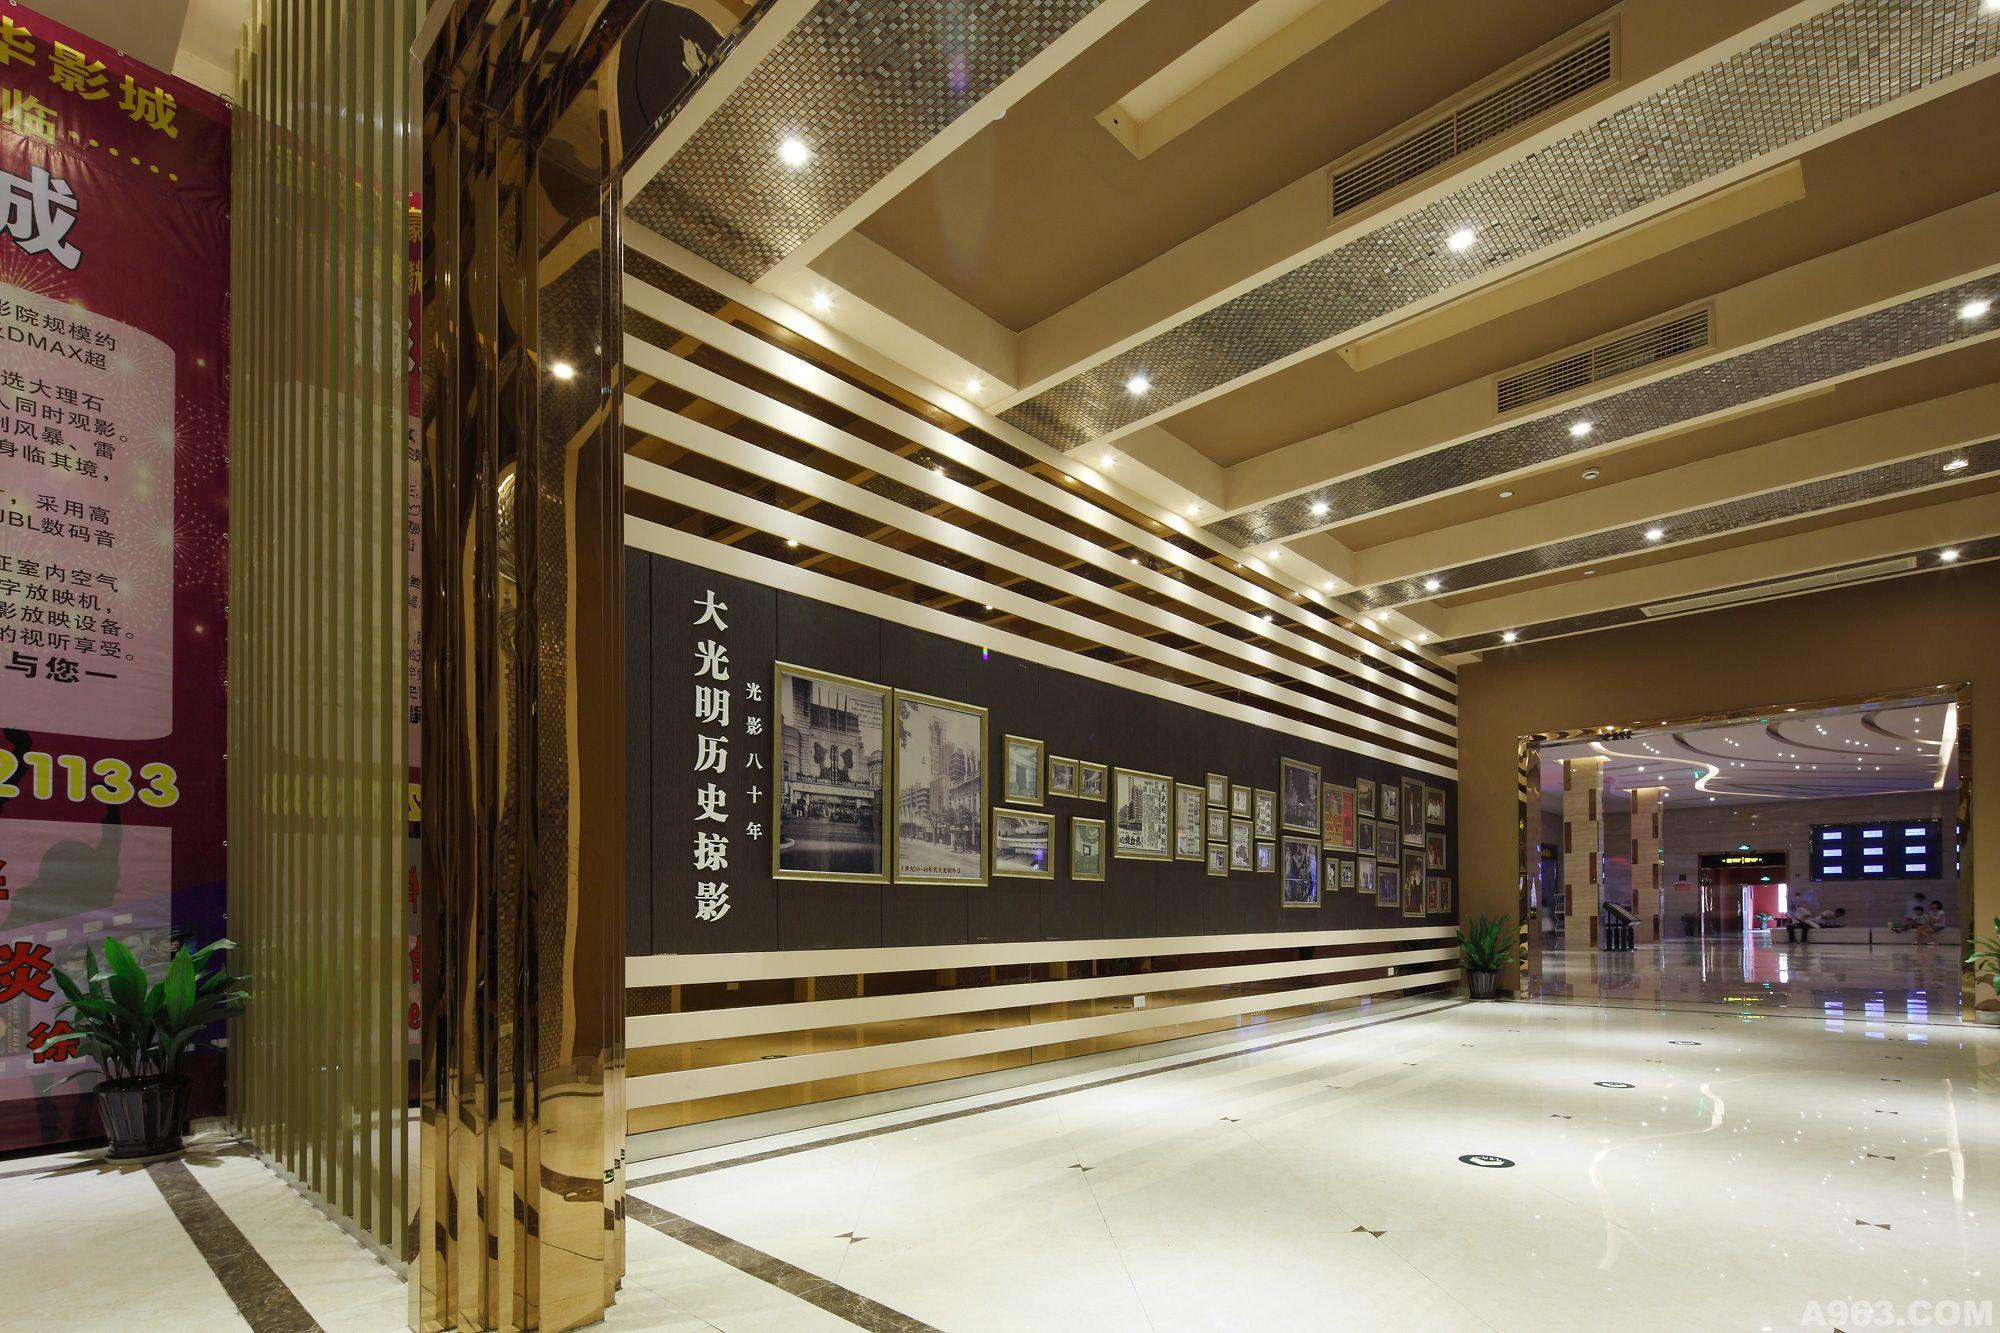 台州大光明影城电影位于路桥繁华商业街地带,商城街218号东方购物广场4楼(原金佩大酒店)。影院规模约4000余平方米,是目前台州规模较大的现代化多功能超豪华影院,台州市区首家拥有4D动感立体影厅及DMAX超大银幕影视效果的影院。  台州大光明影城按照五星级豪华影院标准建设,约600平方的影城大堂,设计以明亮、绚丽为主,精选大理石墙面,梦幻的宽敞走廊,尽显浪漫的电影人文风格。影城内设8个影厅,3D厅4个,可容纳约1000人同时观影。梦幻的4D动感立体影厅(2号厅)采用世界领先的高科技技术,让你顺